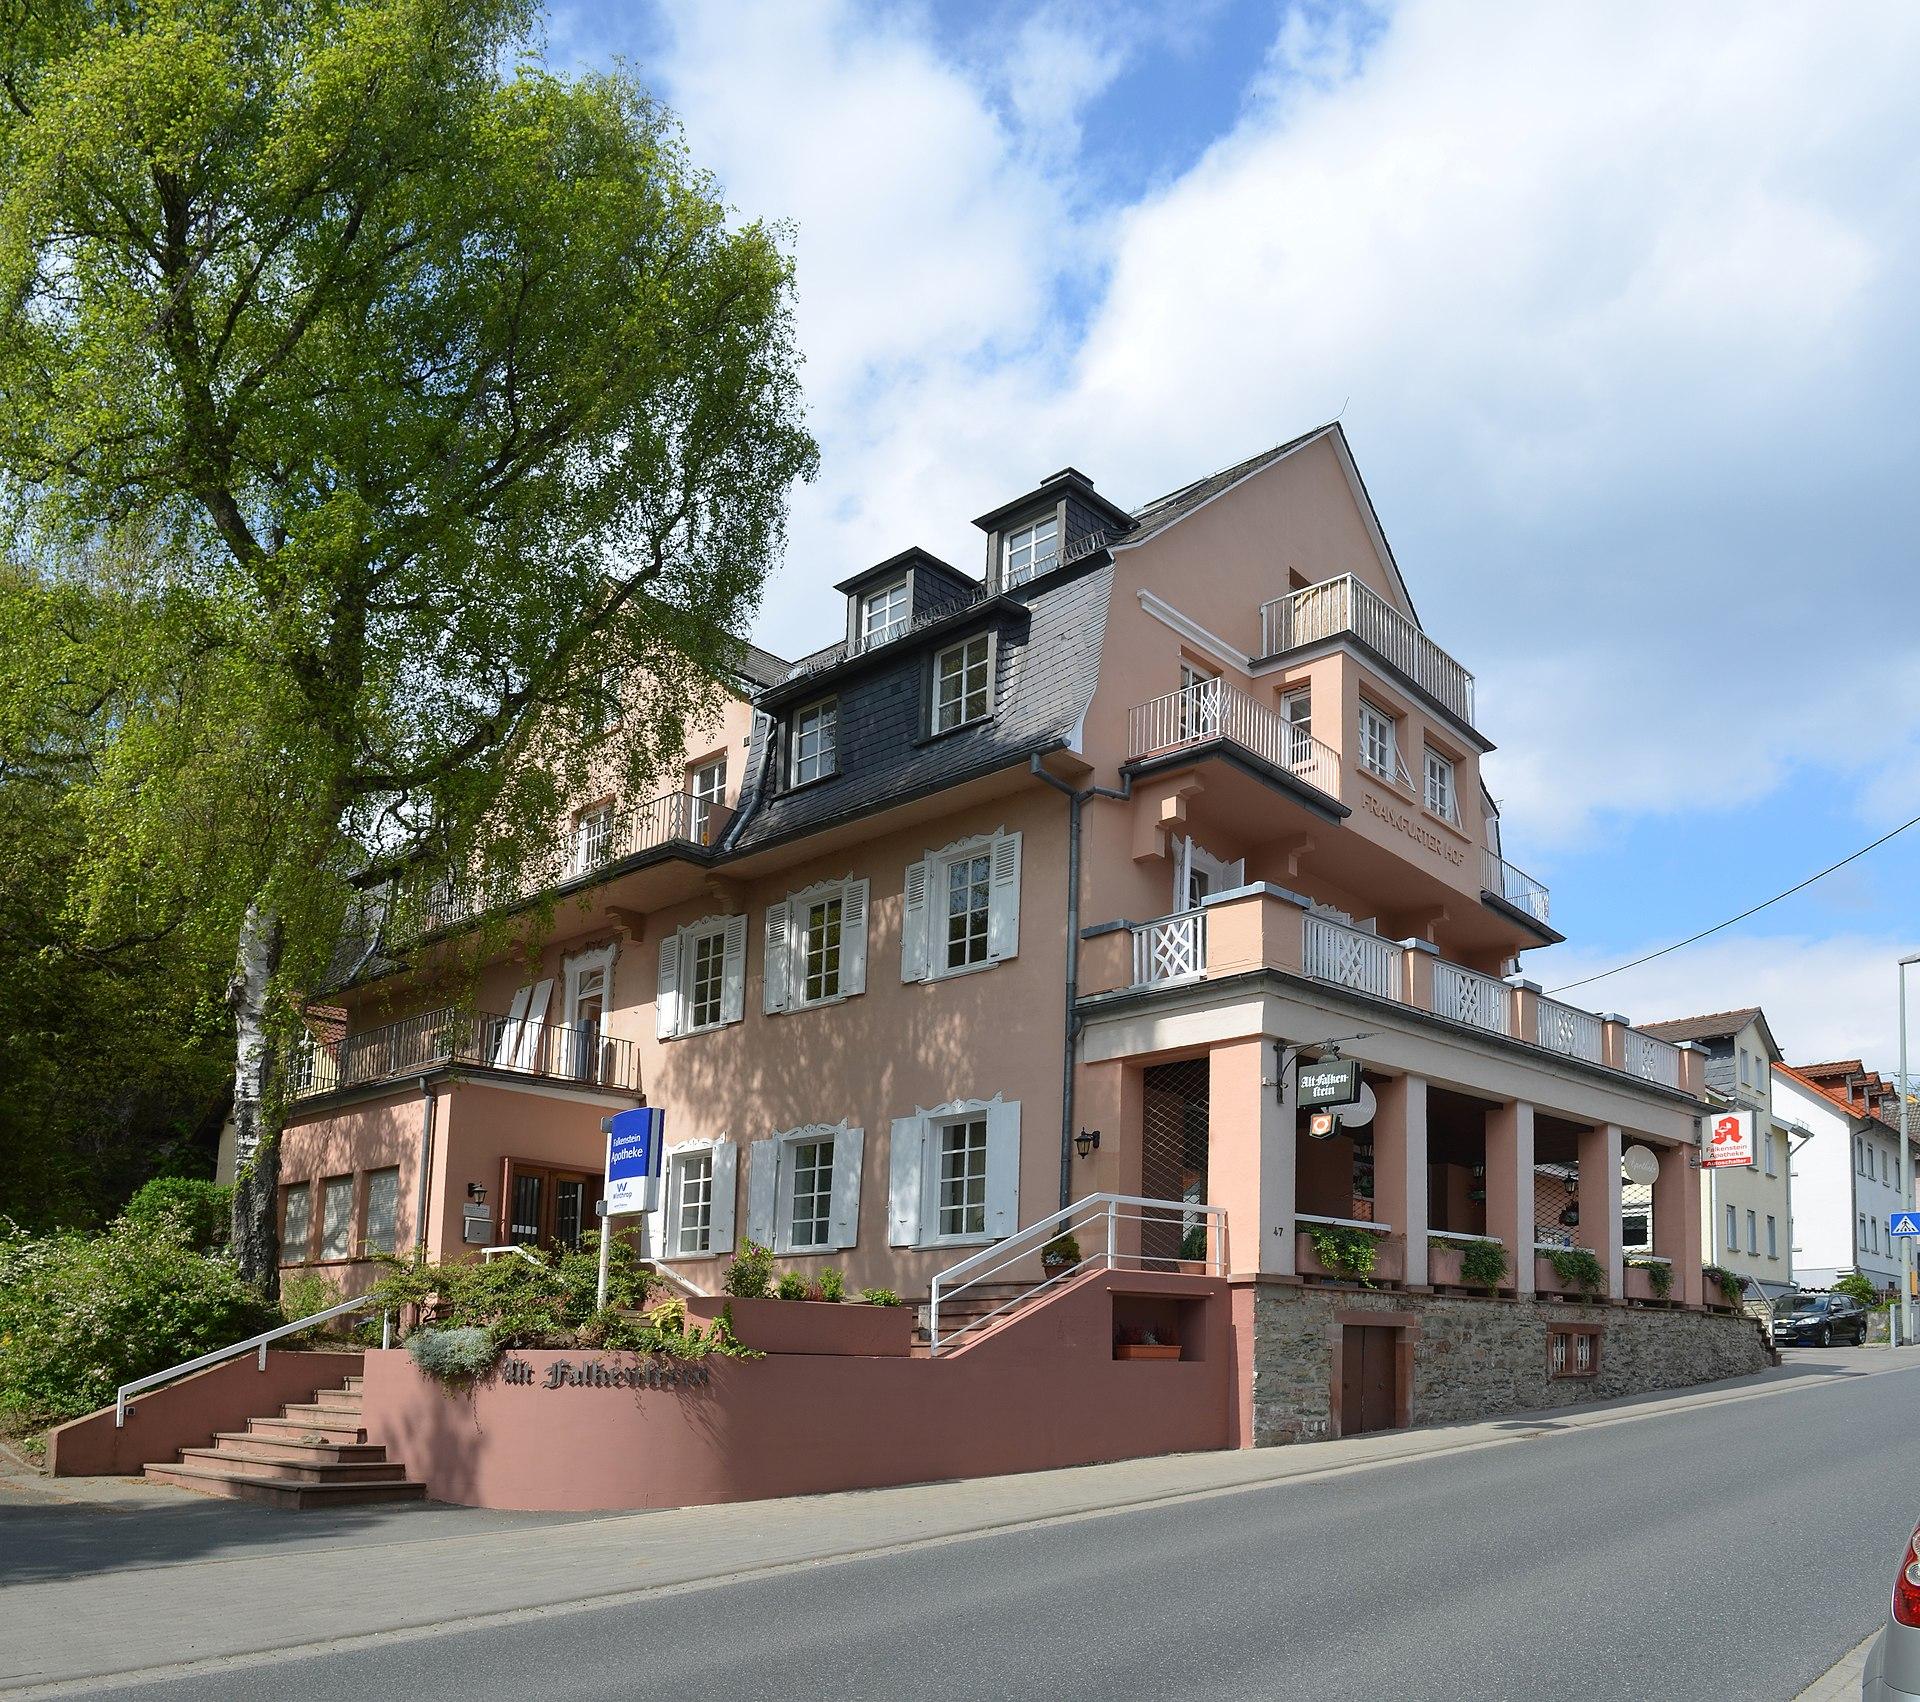 Suche Hotel Nahe Mercedeswerk Bremen